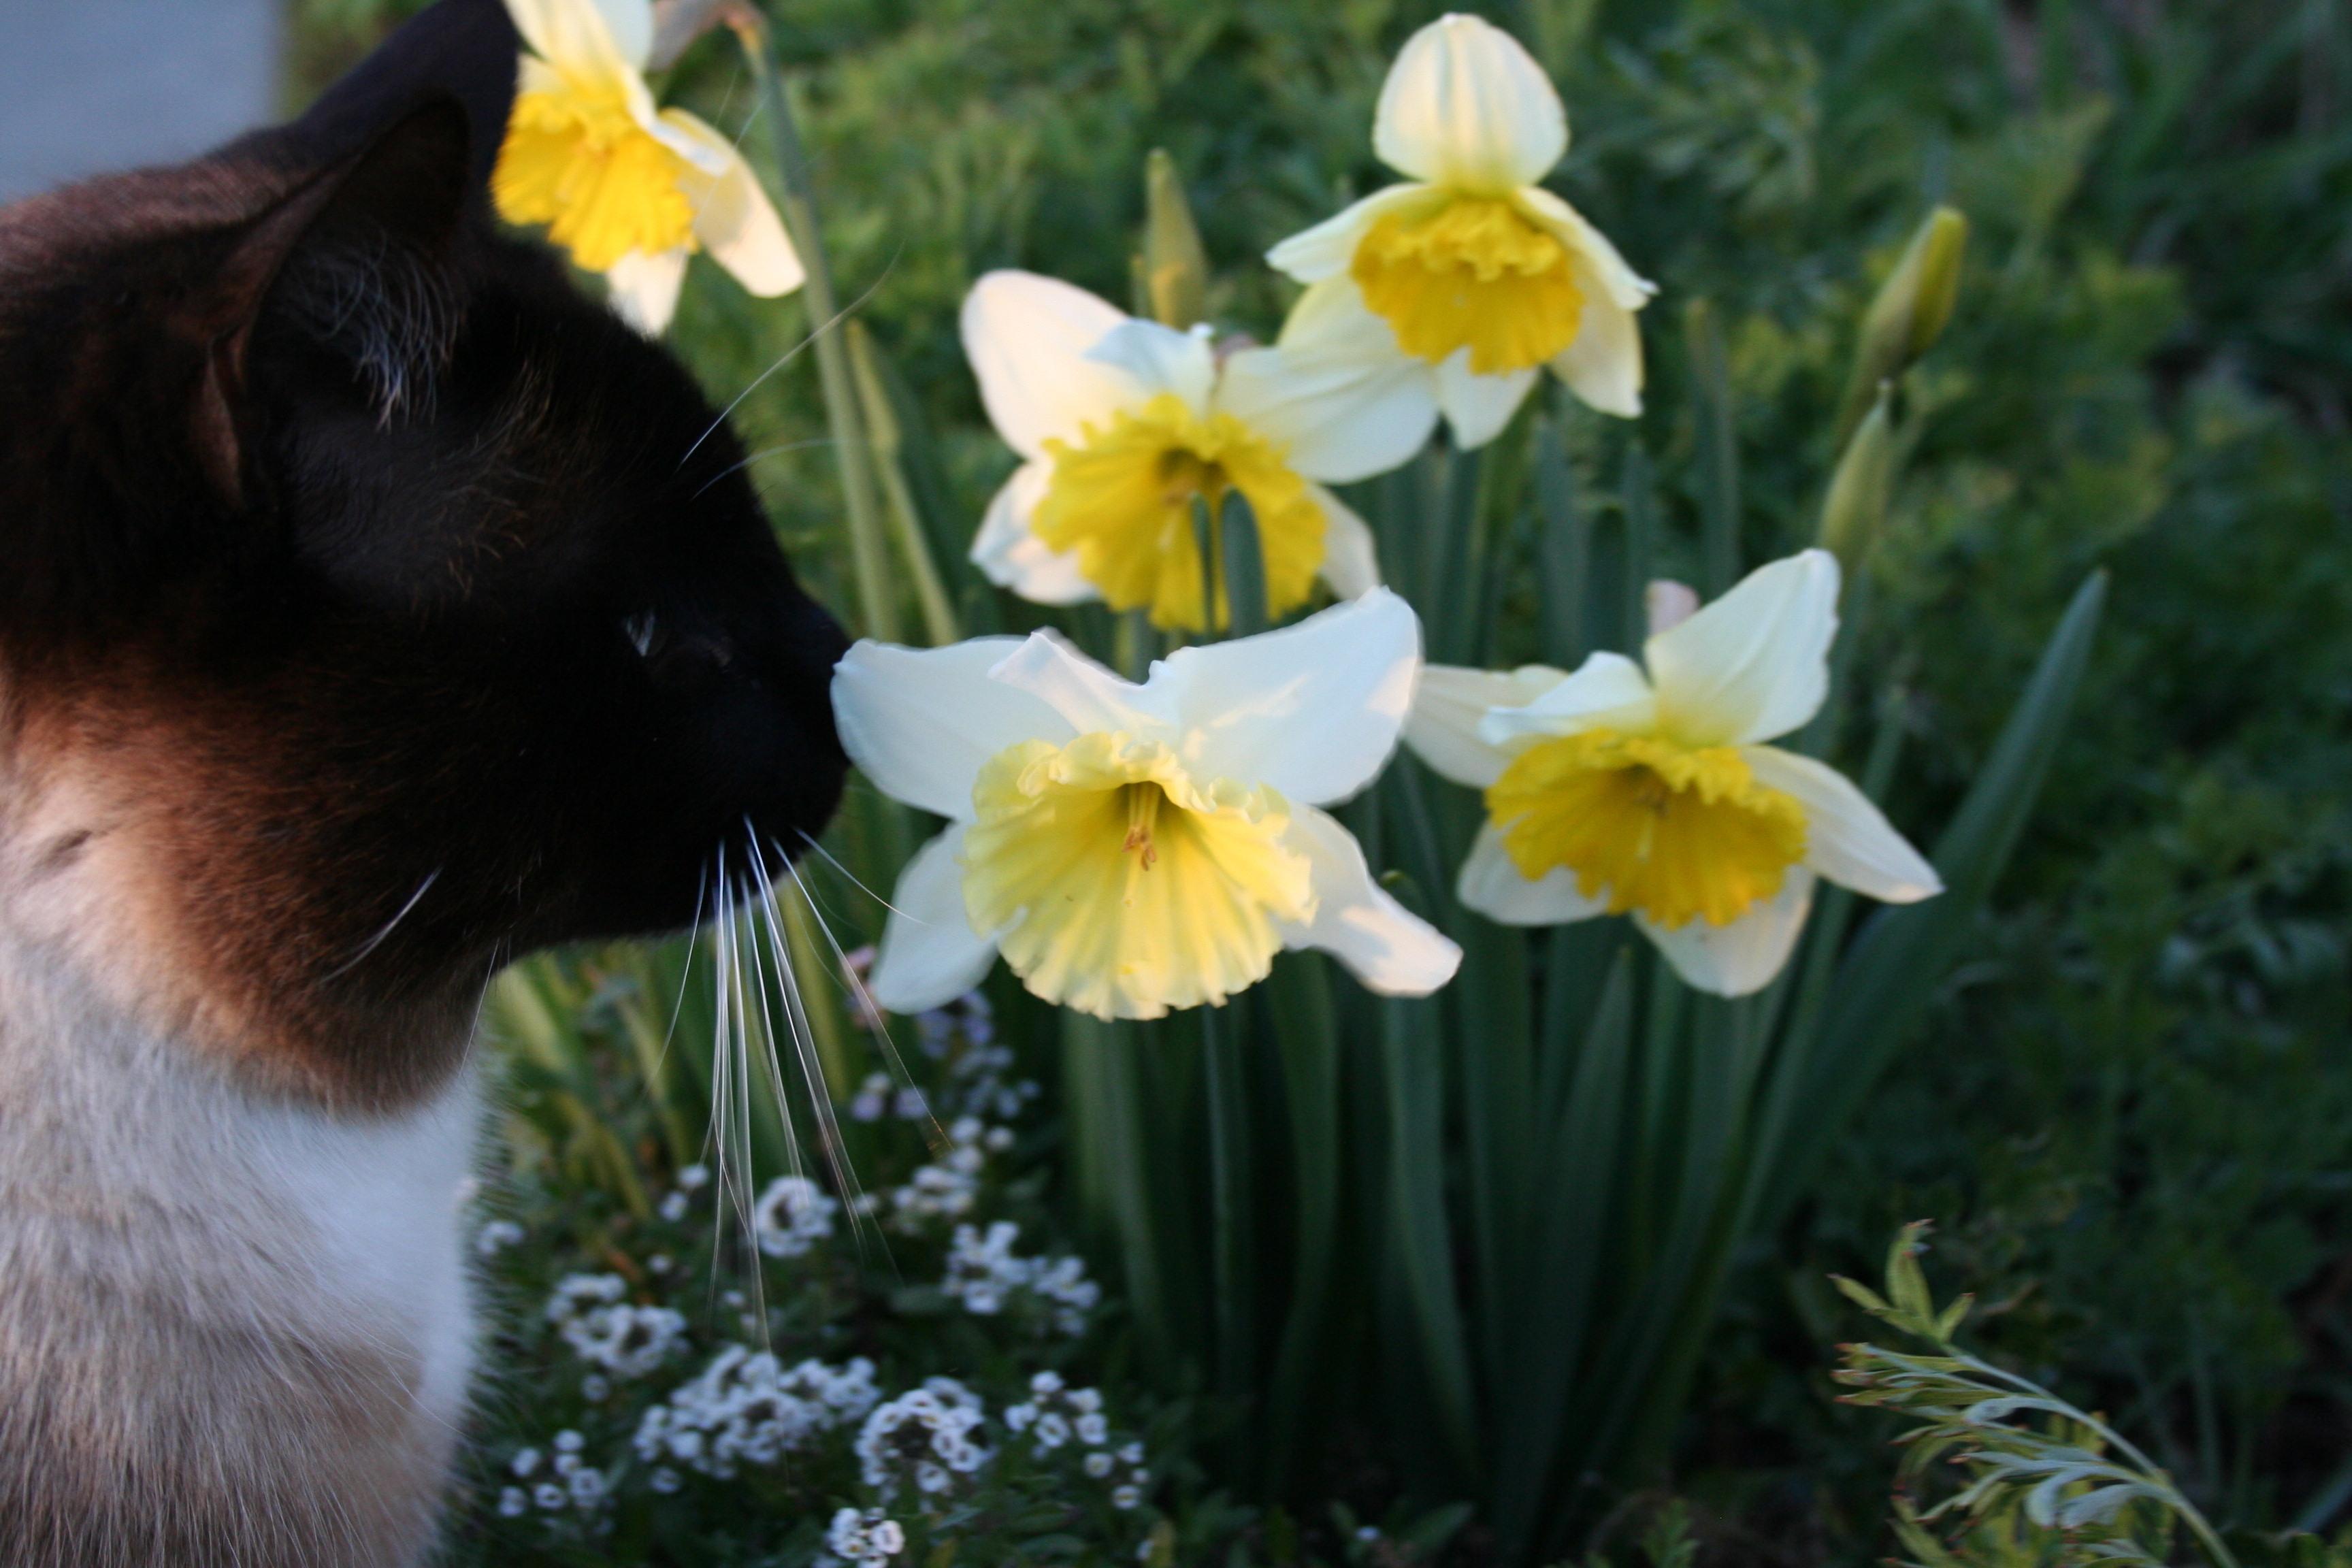 Den omåttligt populära påskliljan kan ge din katt livshotande skador.